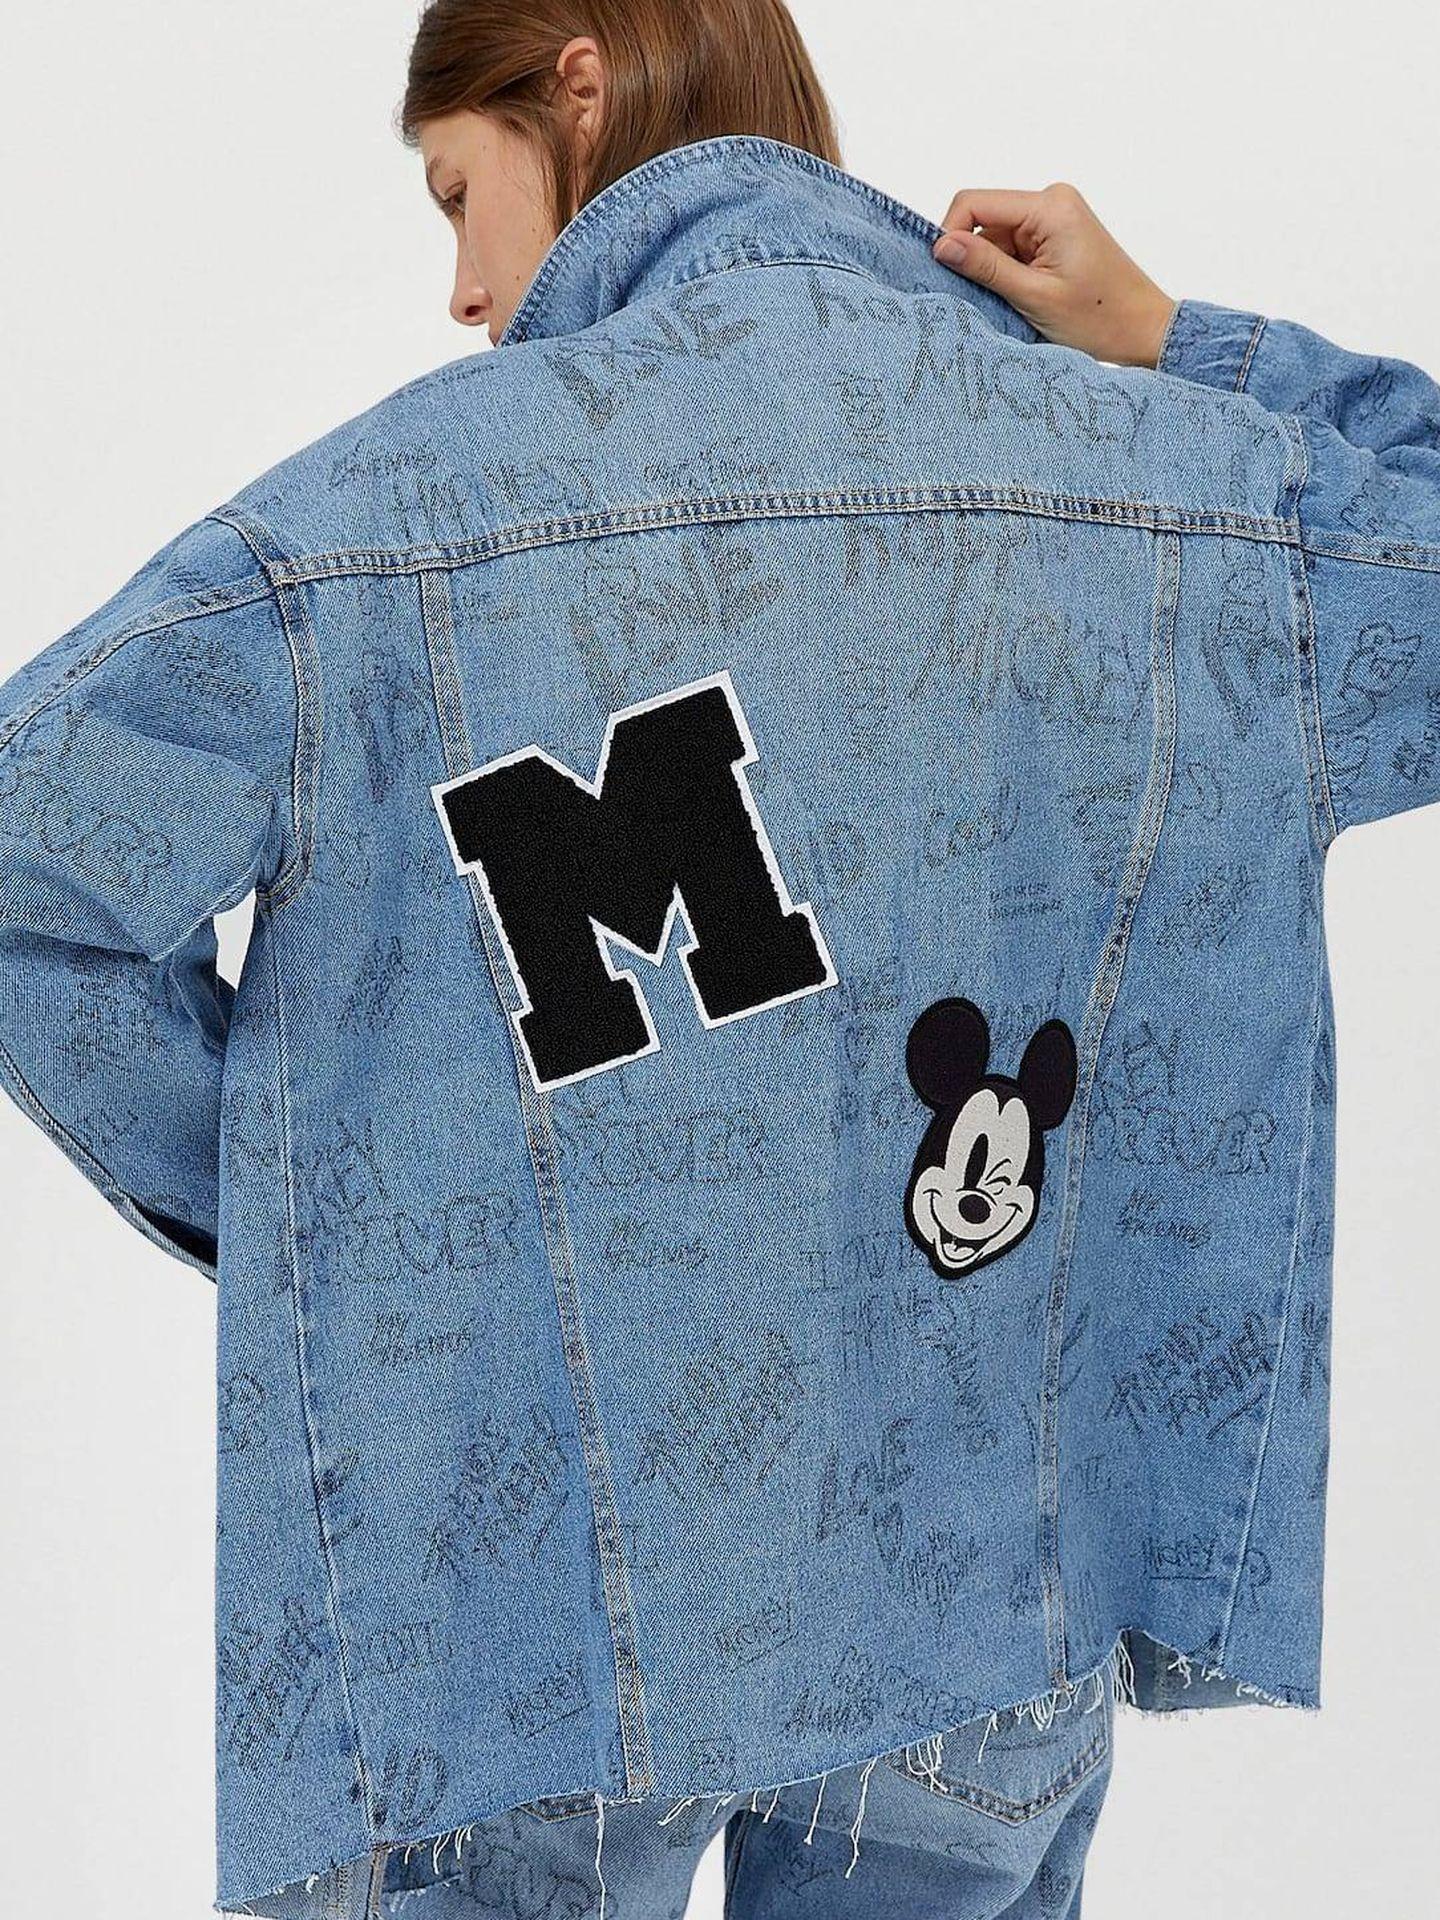 El total look vaquero de Mickey Mouse que vende Stradivarius. (Cortesía)